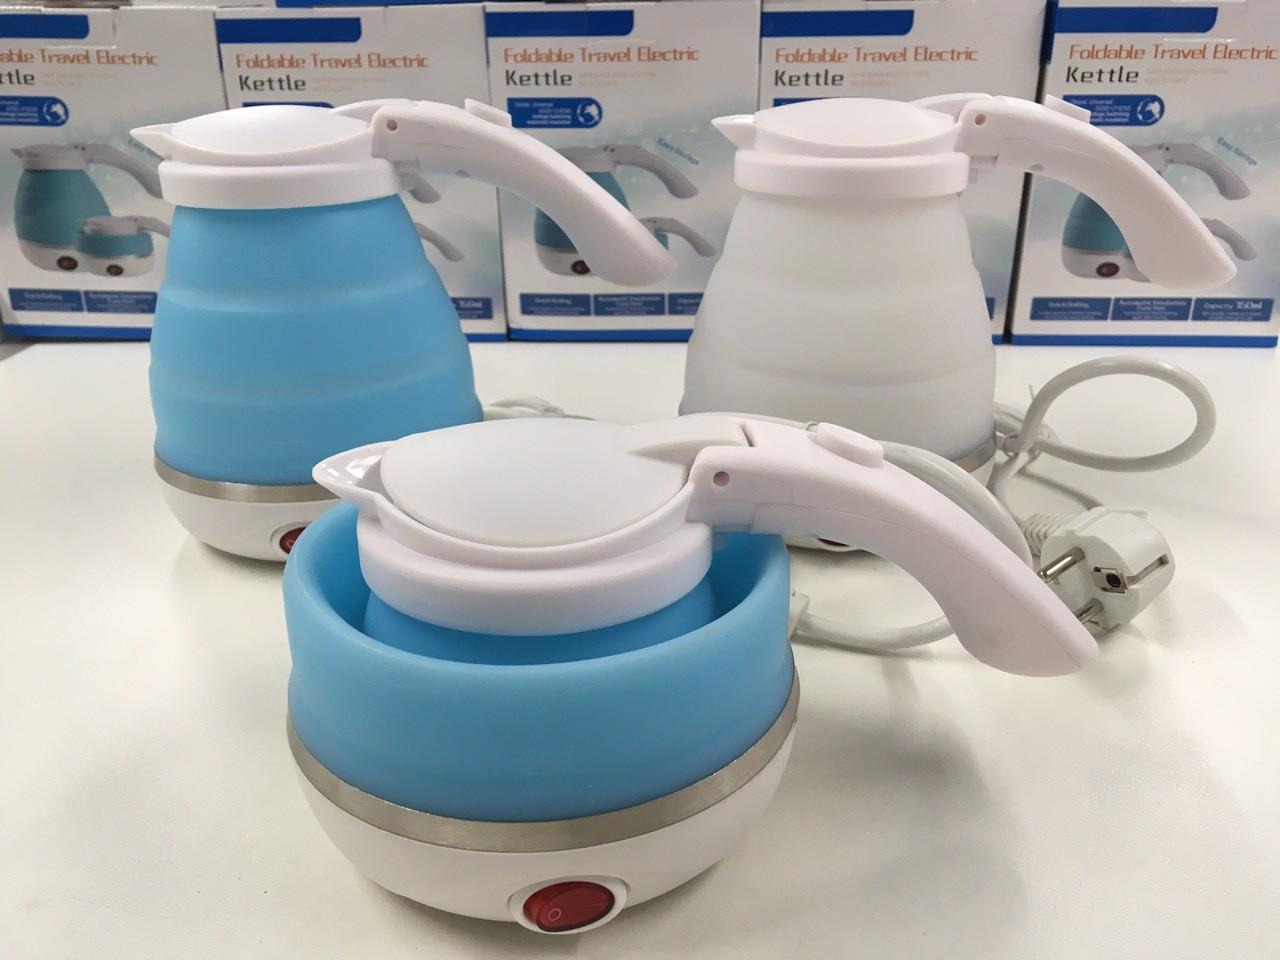 Чайник Kettle портативный силиконовый складной походный100-240 в 750 мл (синий) защита от кипения